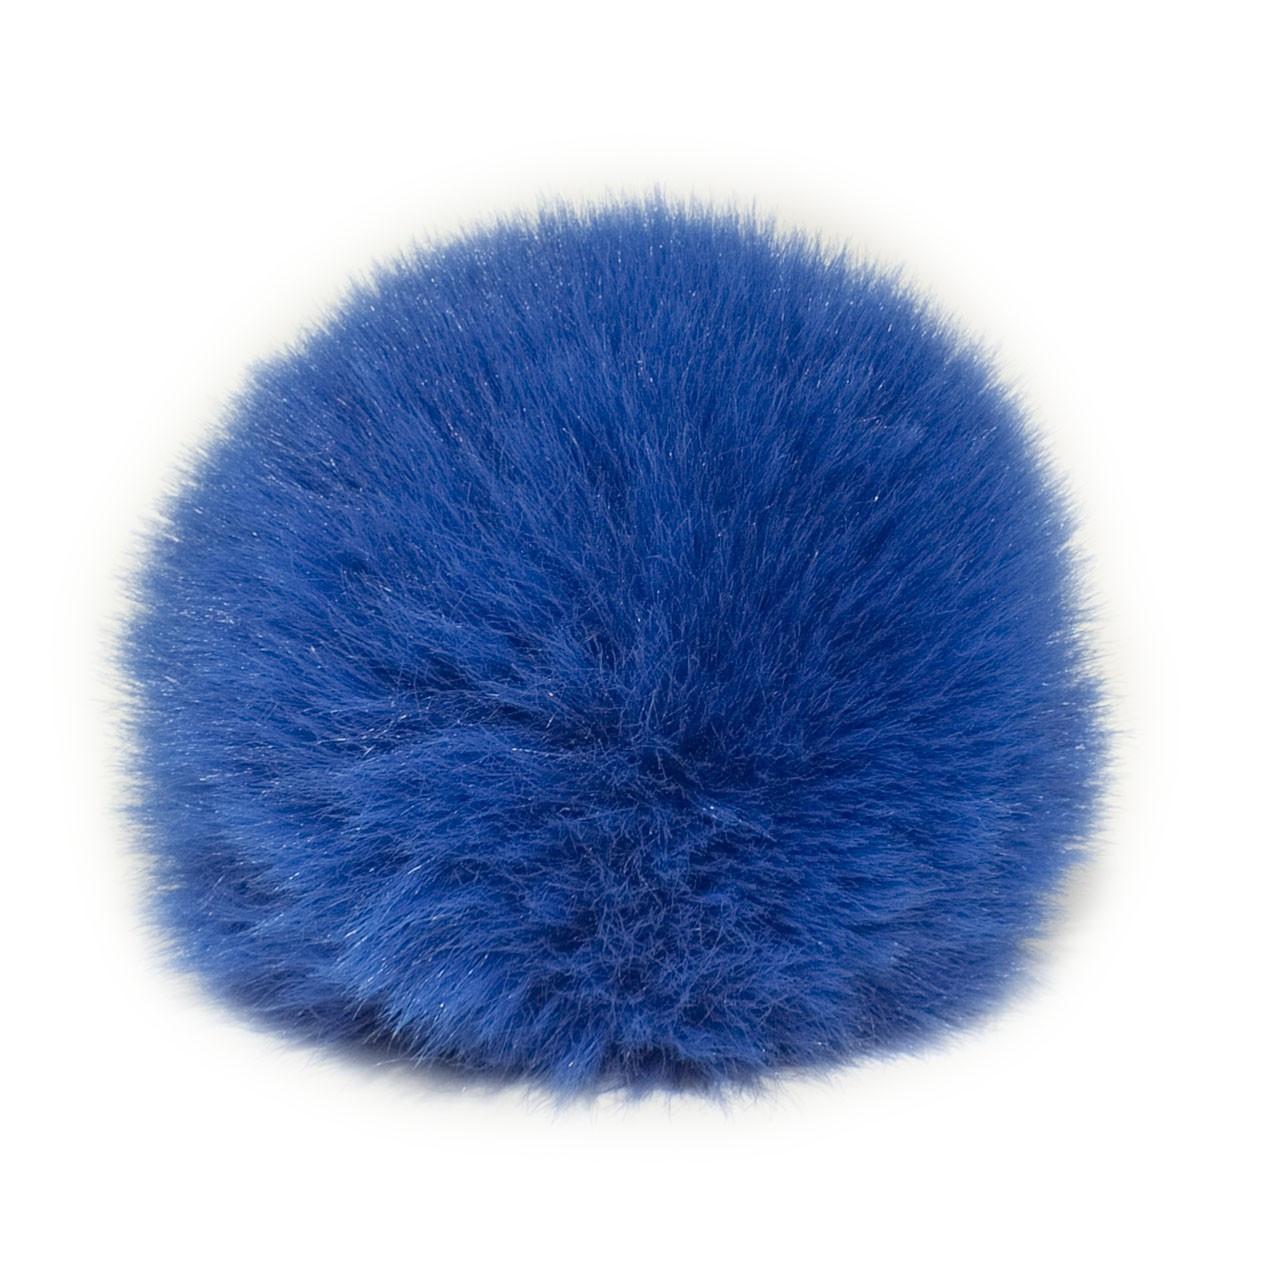 Помпон меховой 8 см, Синий электрик